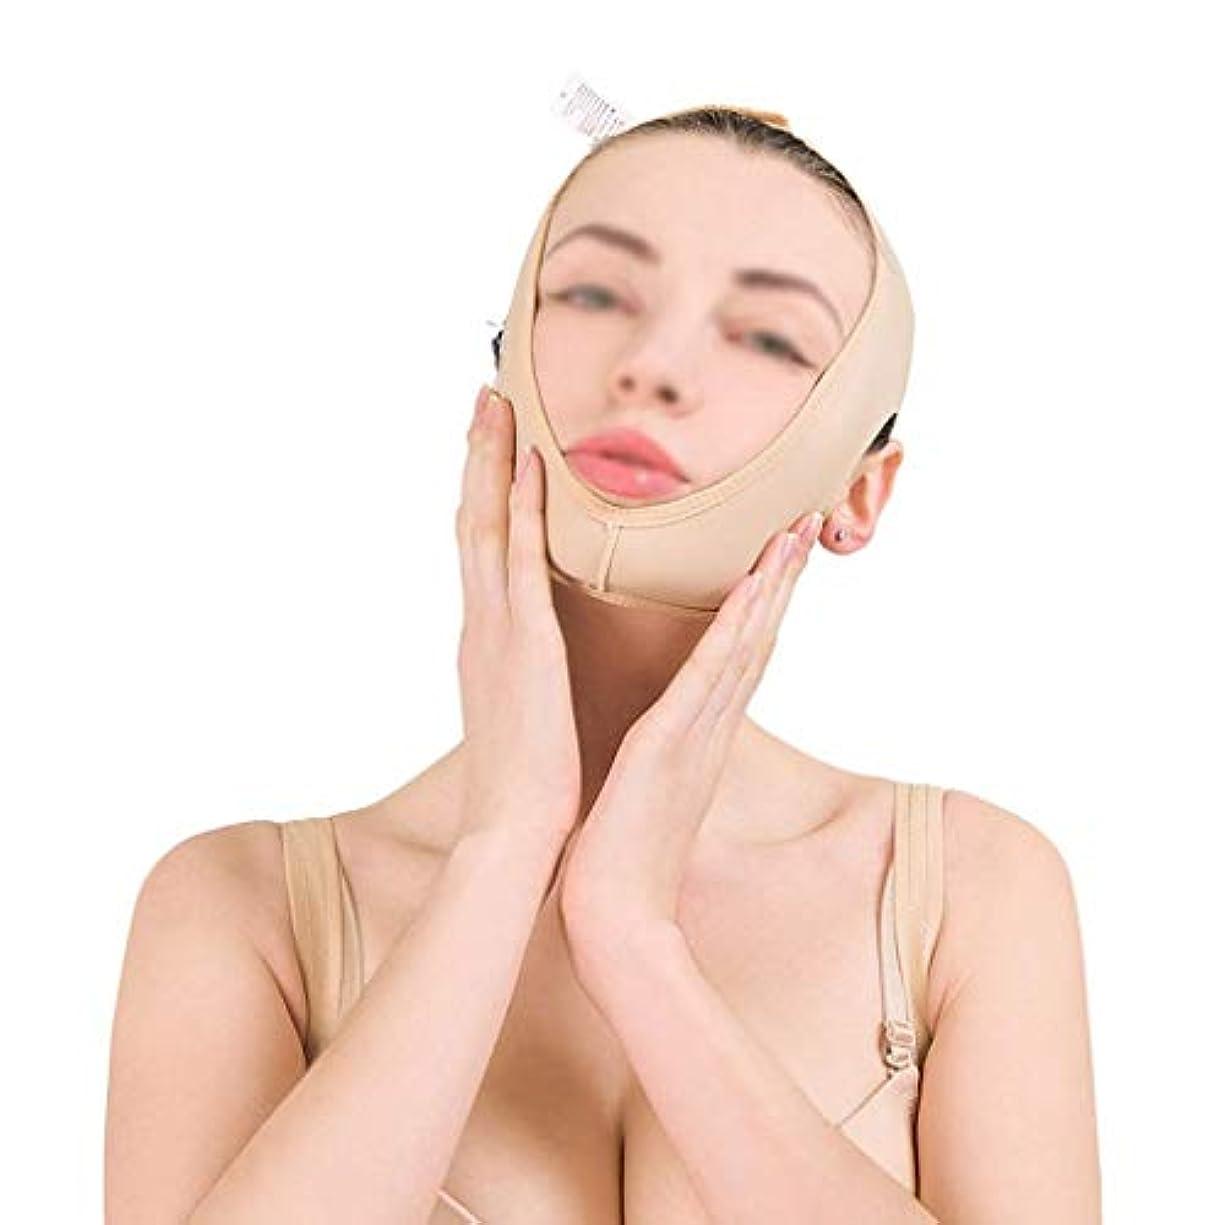 シャッフル時制うぬぼれマスク減量、肌の包帯を引き締めるリフティングフェイスバンド、フェイスリフティング、ダブルチンビューティバンデージ、フェイスリフト(サイズ:L),XL